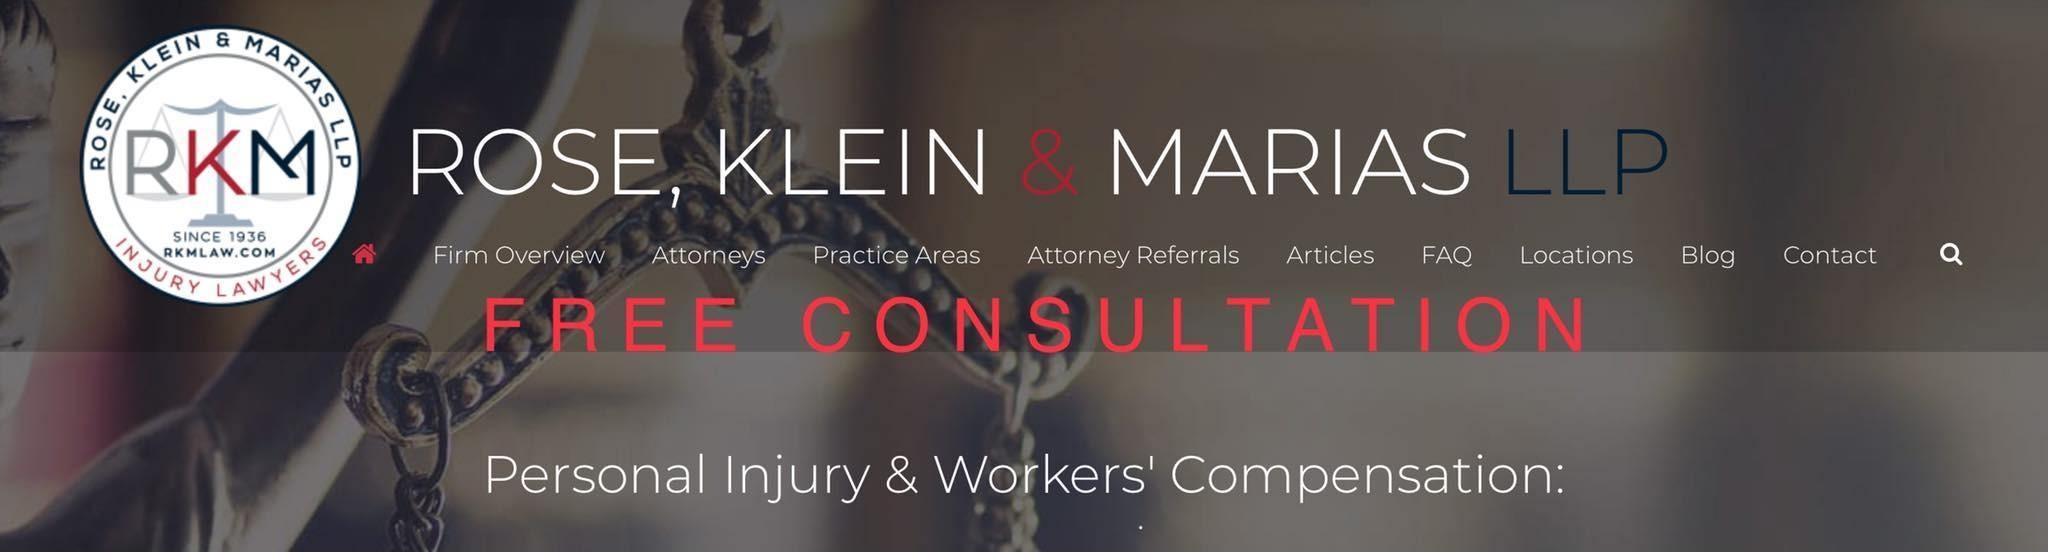 Rose, Klein & Marias LLP - Injury Lawyers image 6